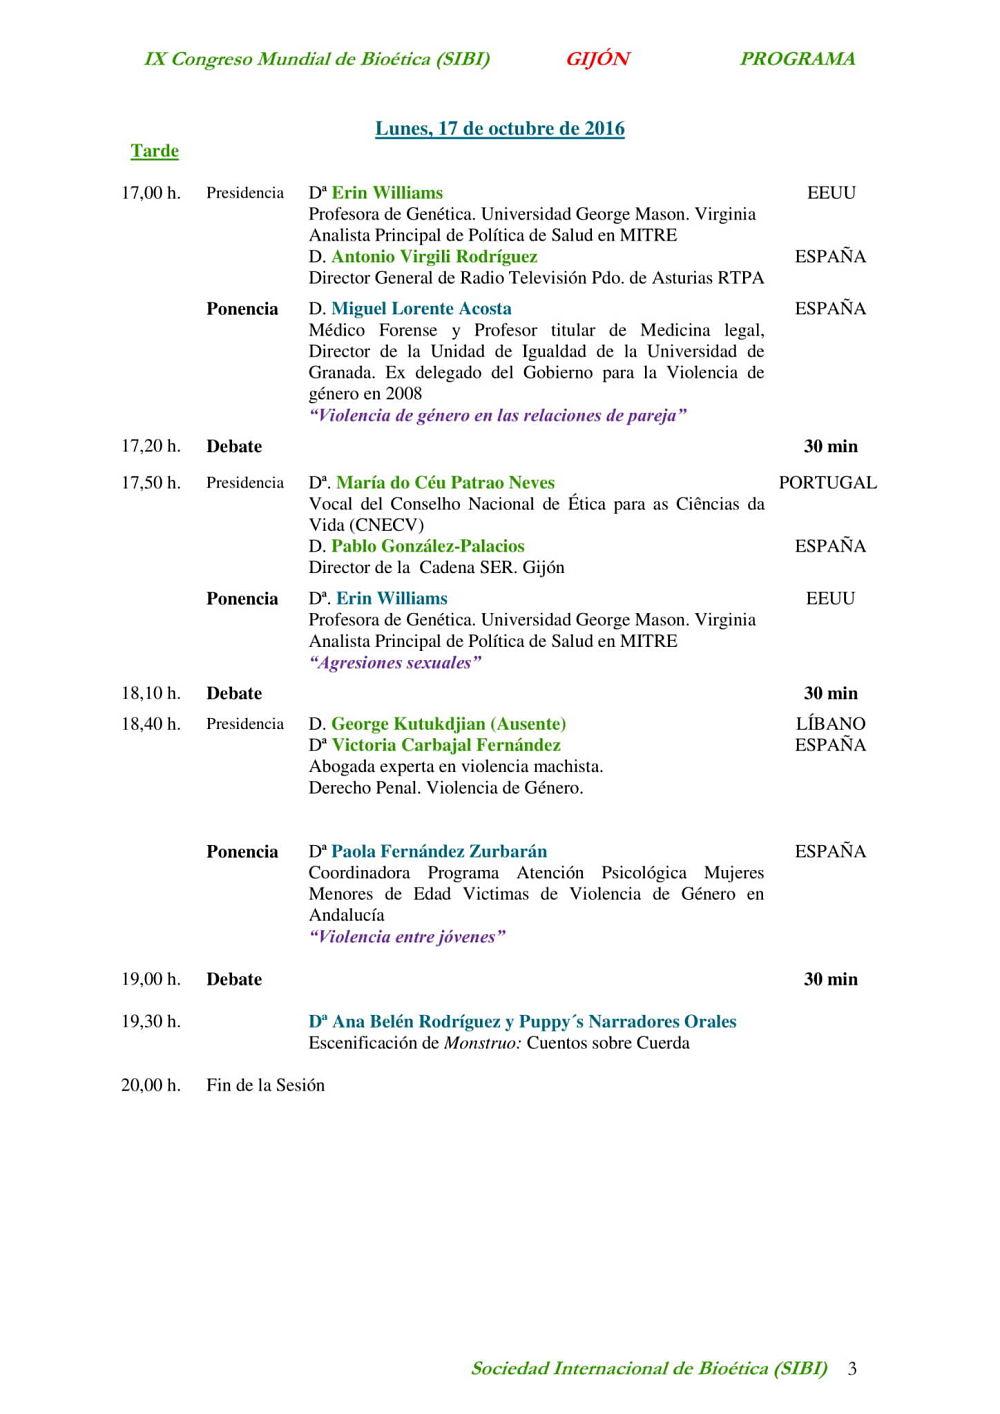 tercera página del programa del  noveno congreso mundial de bioética